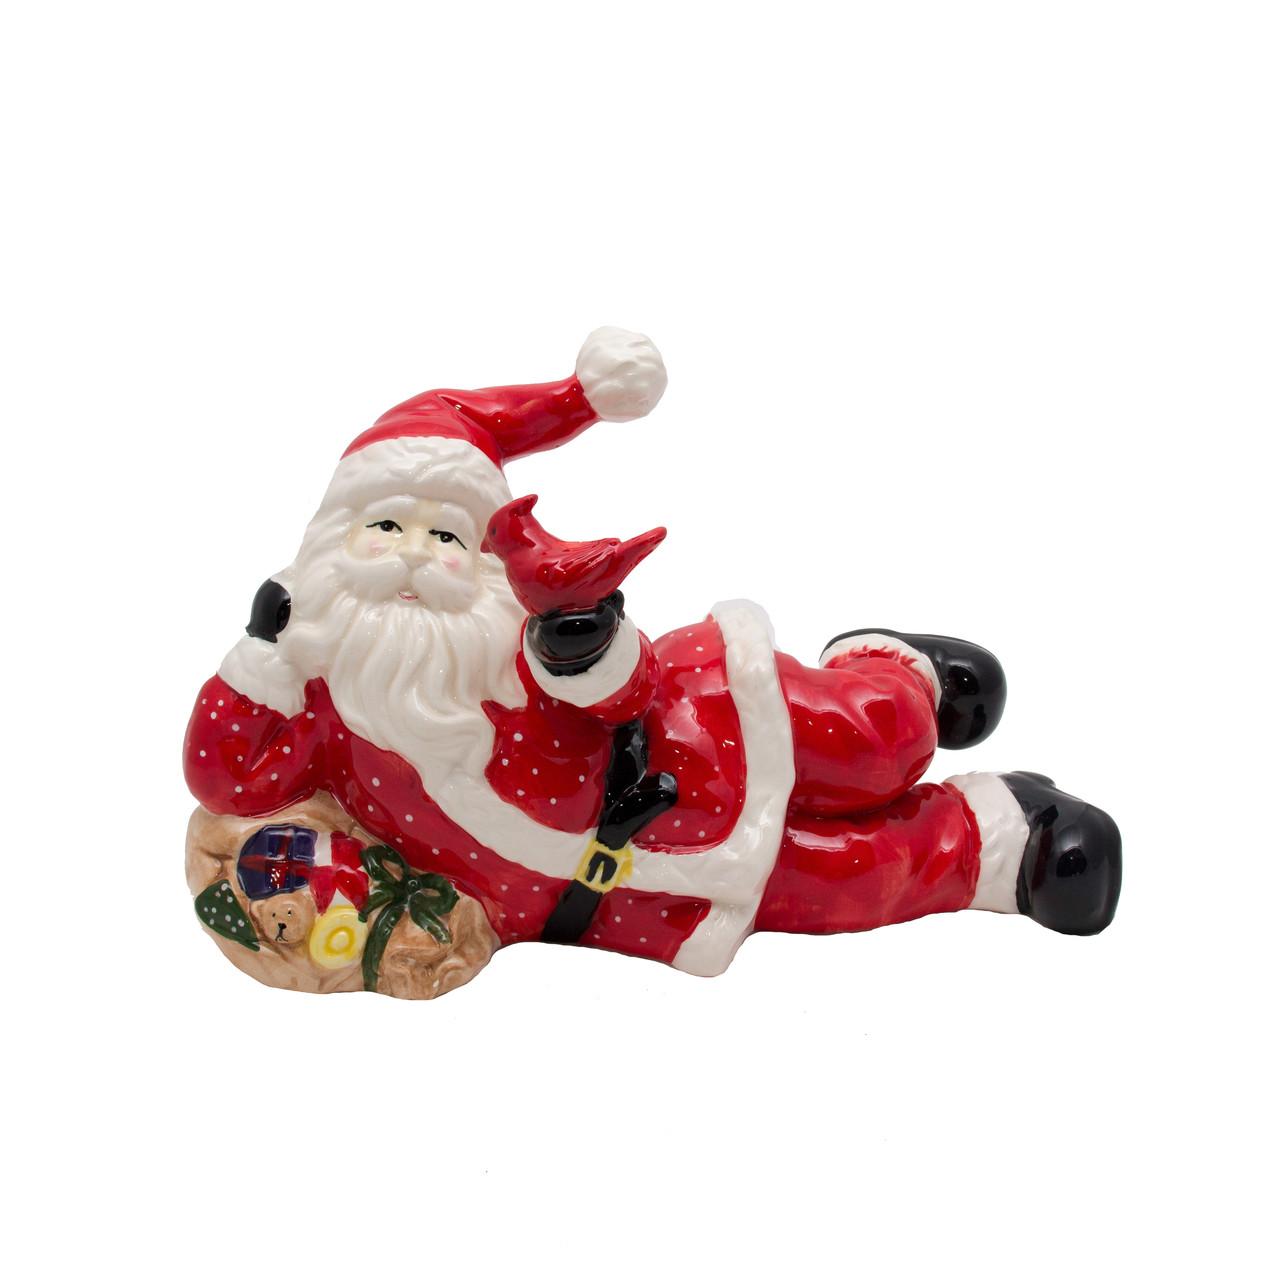 Новогодняя сувенирная фигурка Дед мороз с Елкой лежачий, (440122)